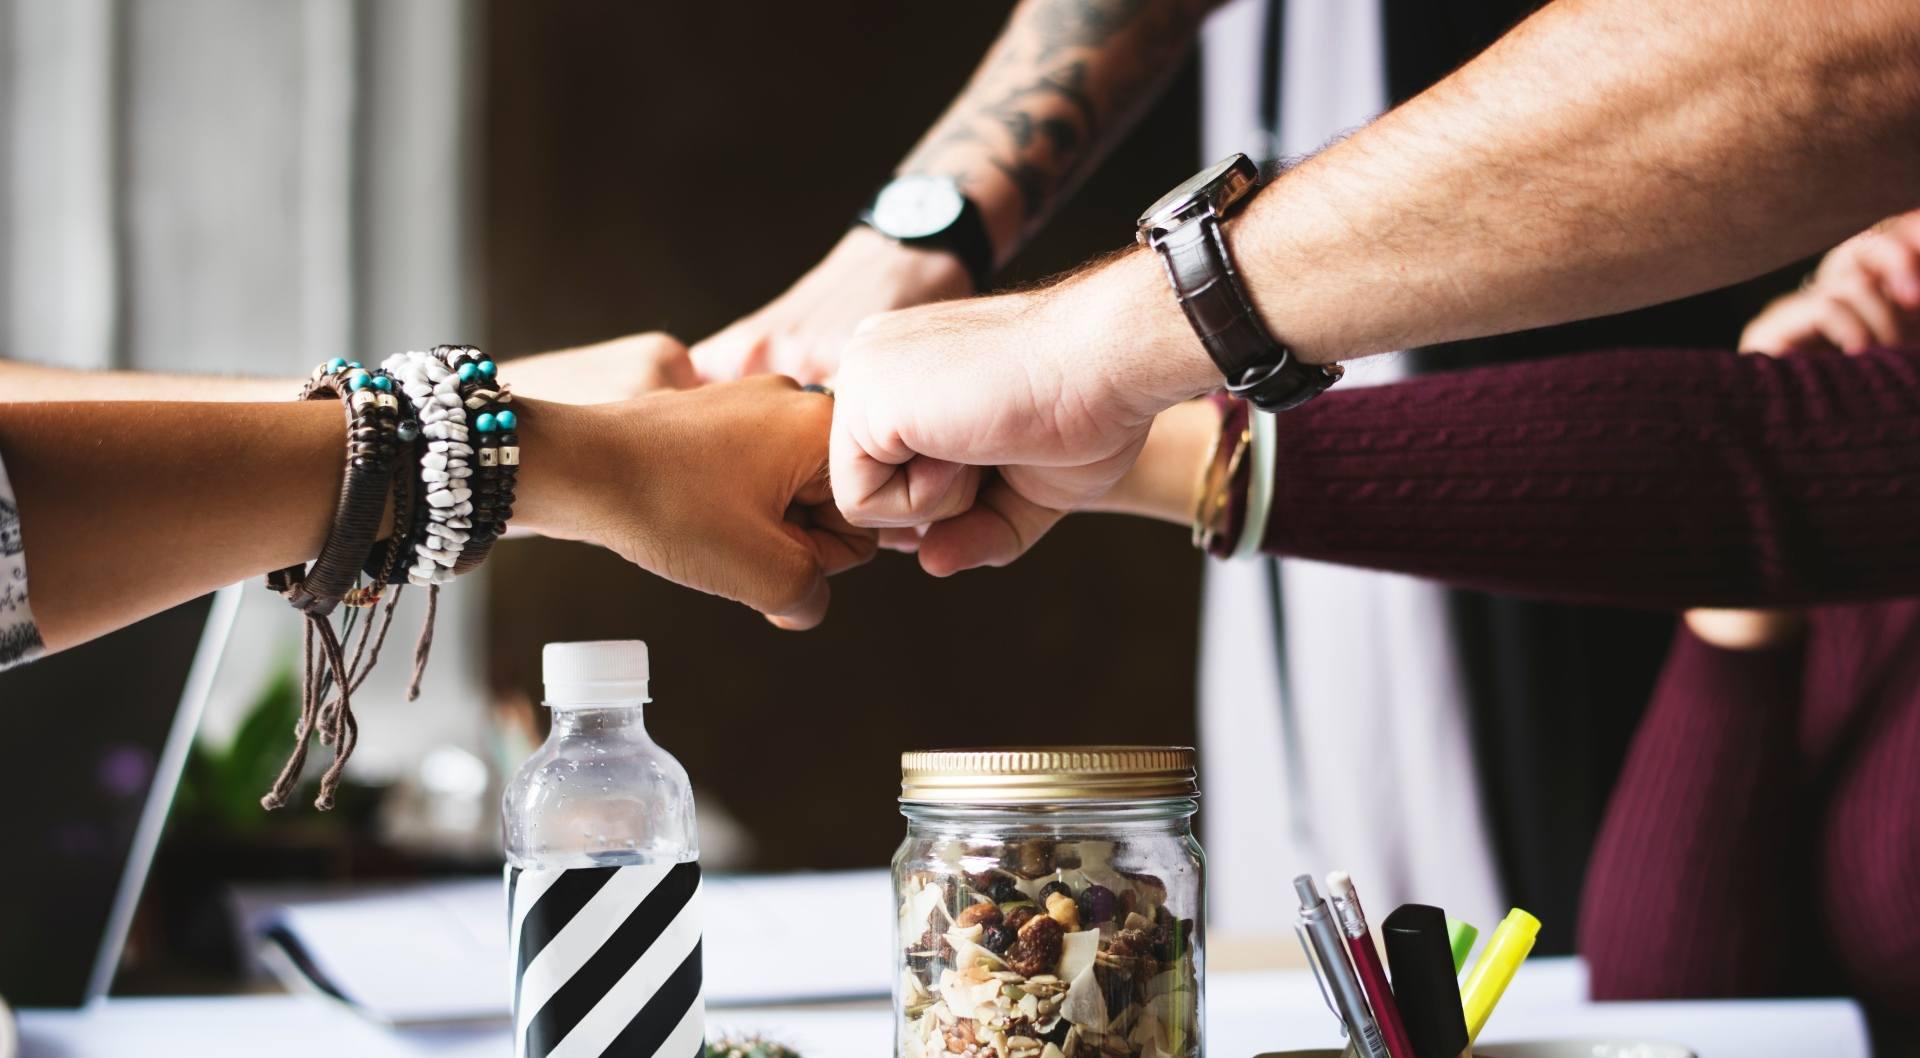 bracelets-collaboration-colleagues-398532-1